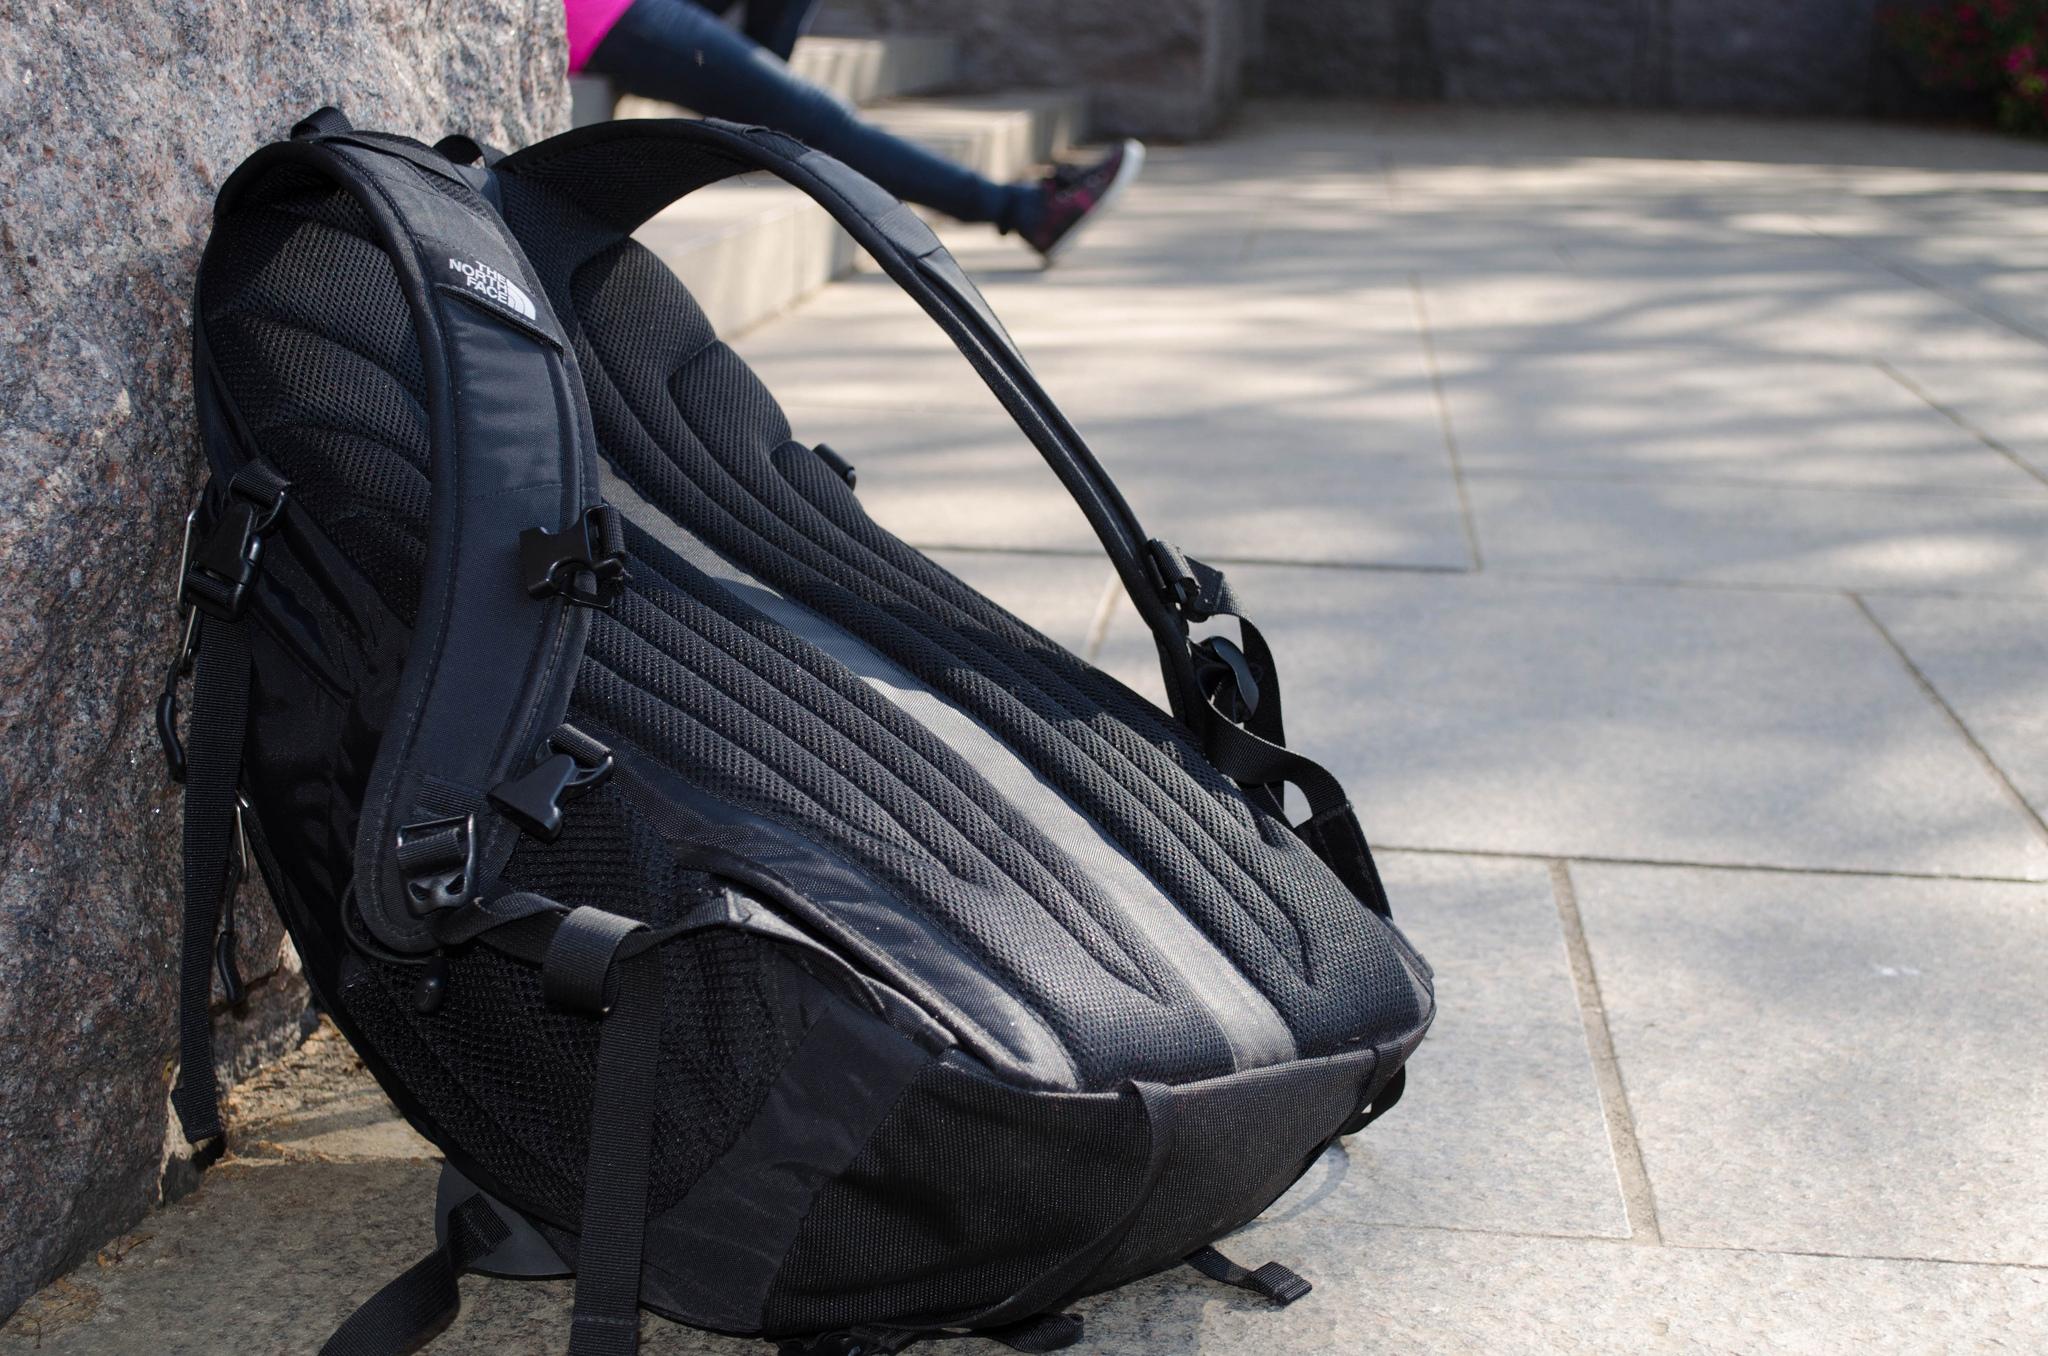 test wanderrucksack der g nstige rucksack ist oft giftig. Black Bedroom Furniture Sets. Home Design Ideas